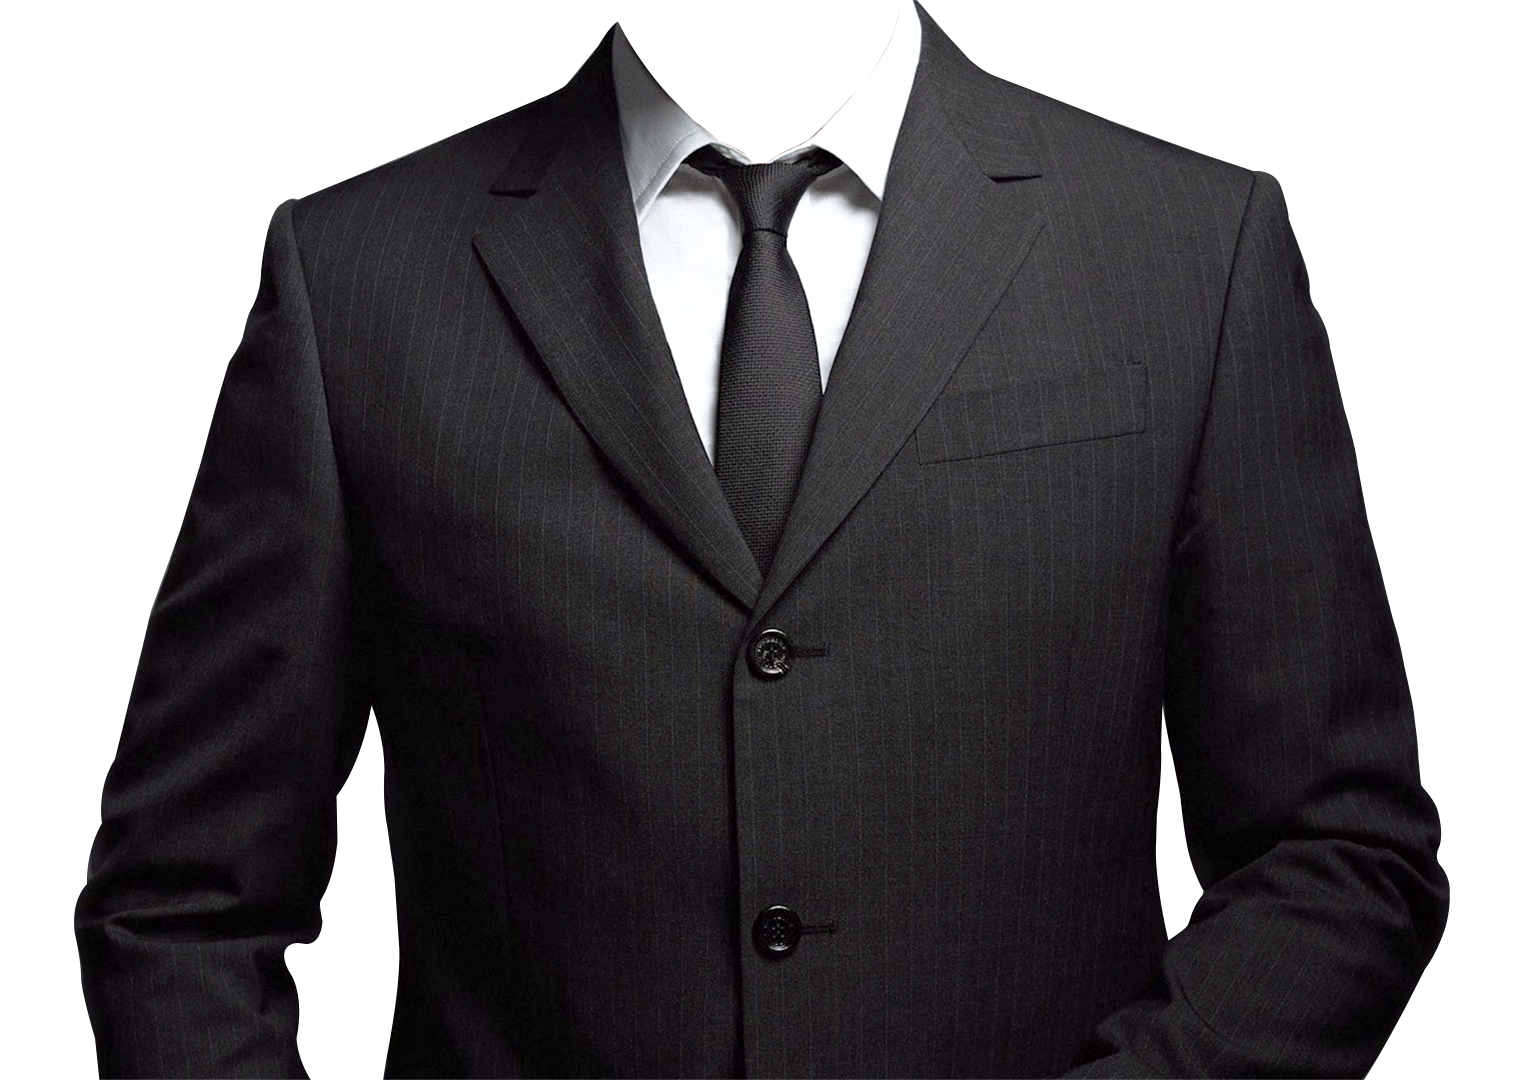 Suit PNG Transparent Image - Suit PNG